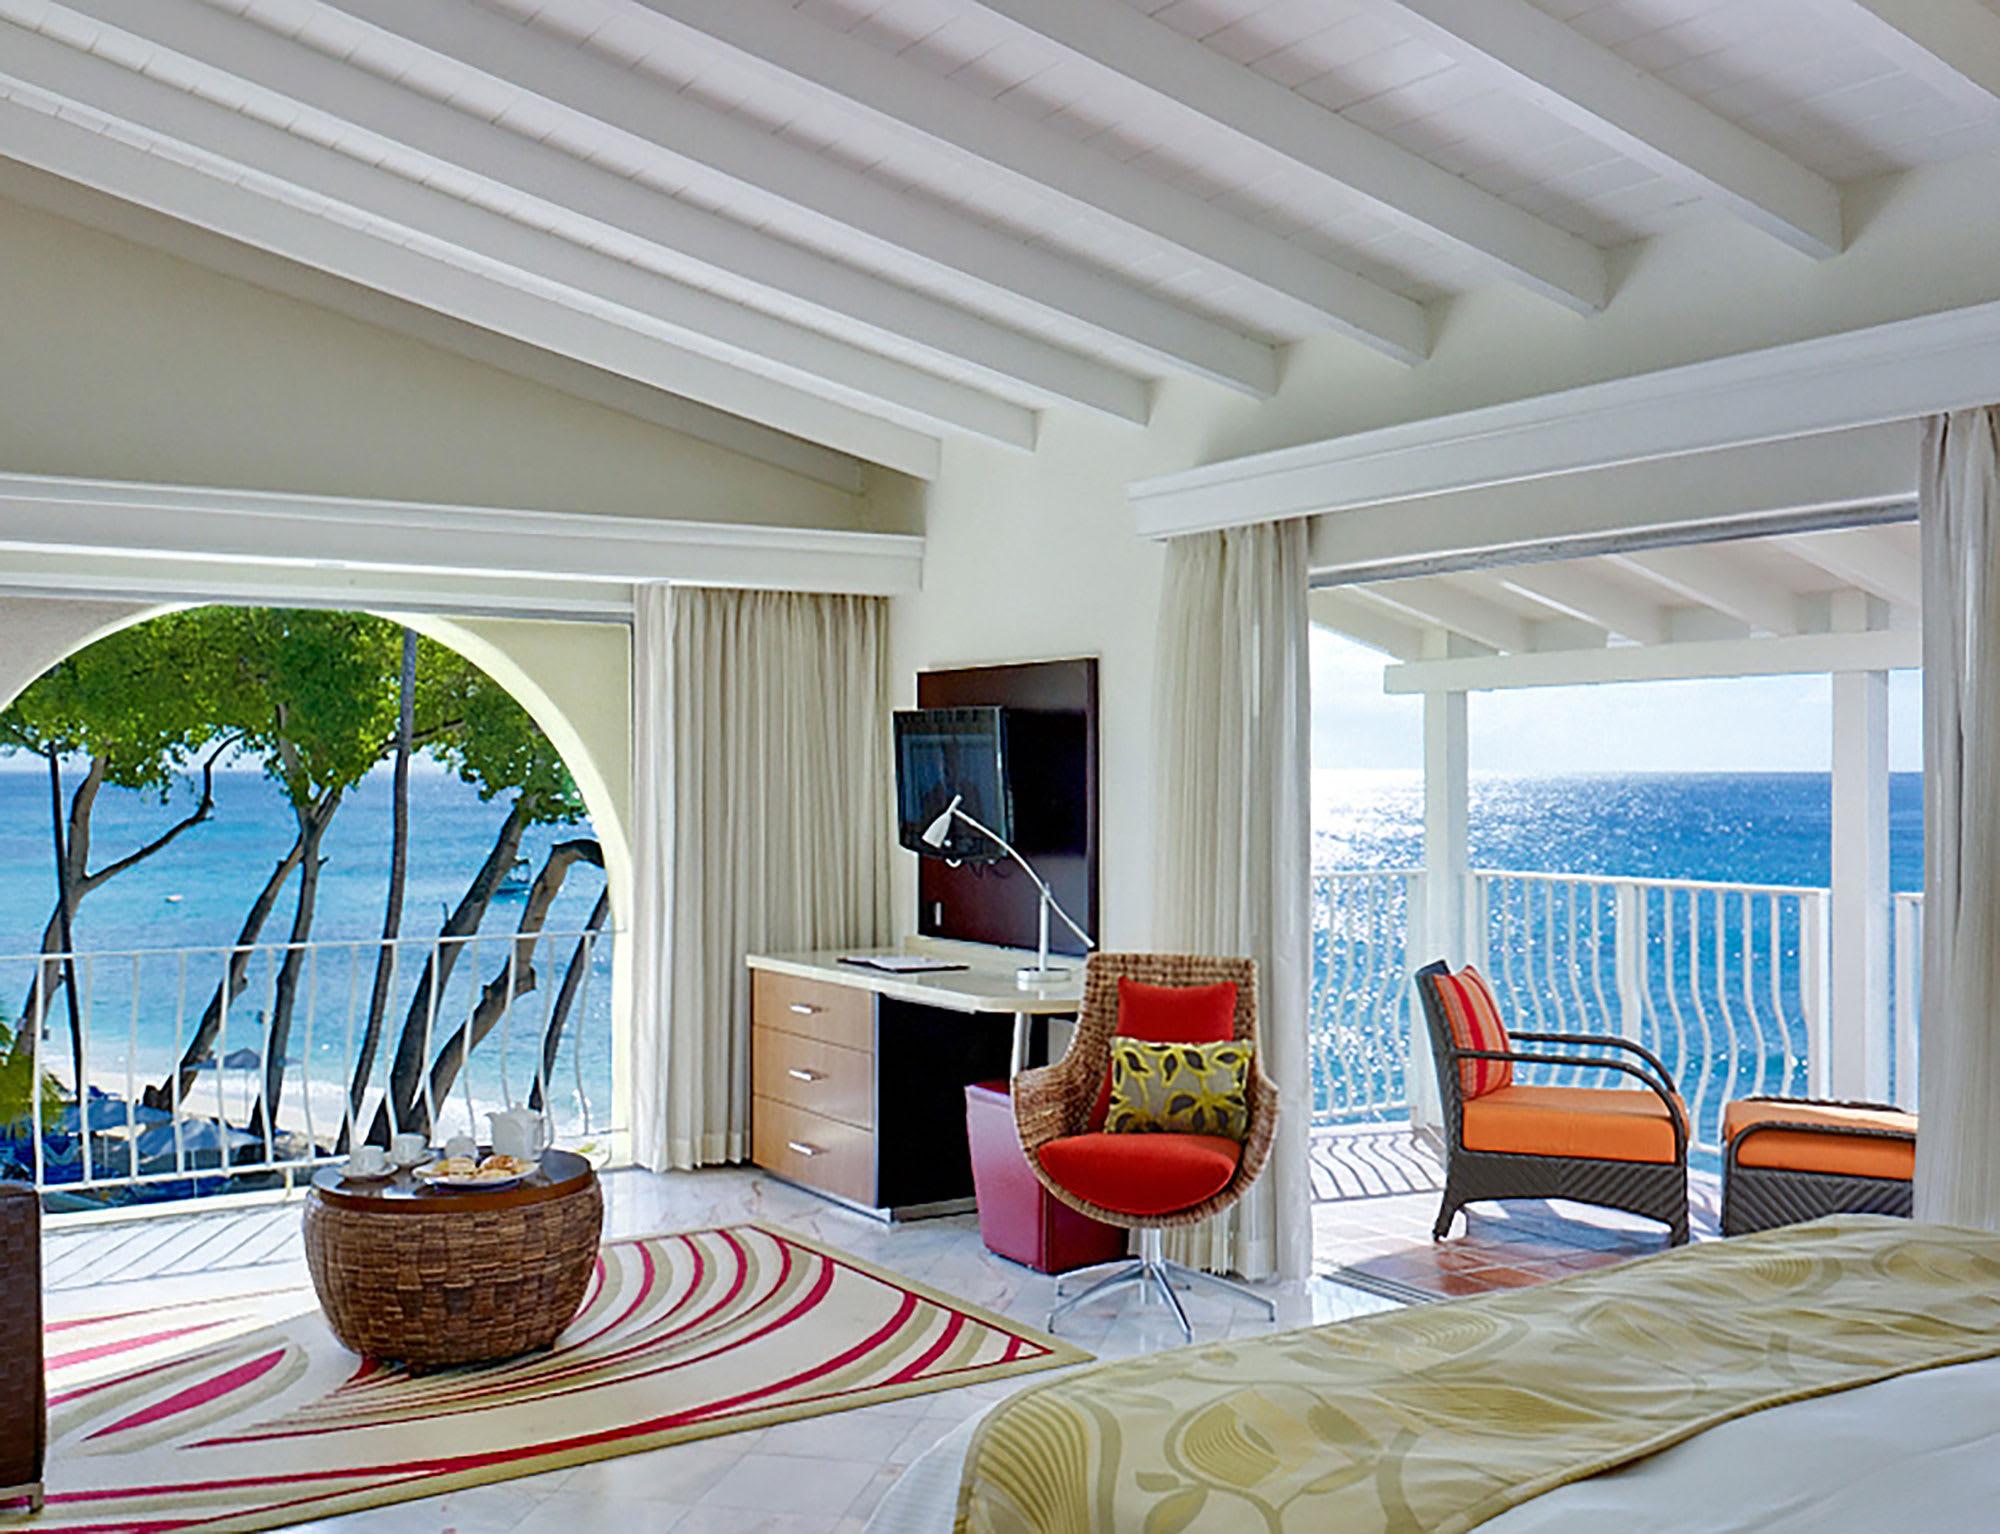 Ocean Front room view